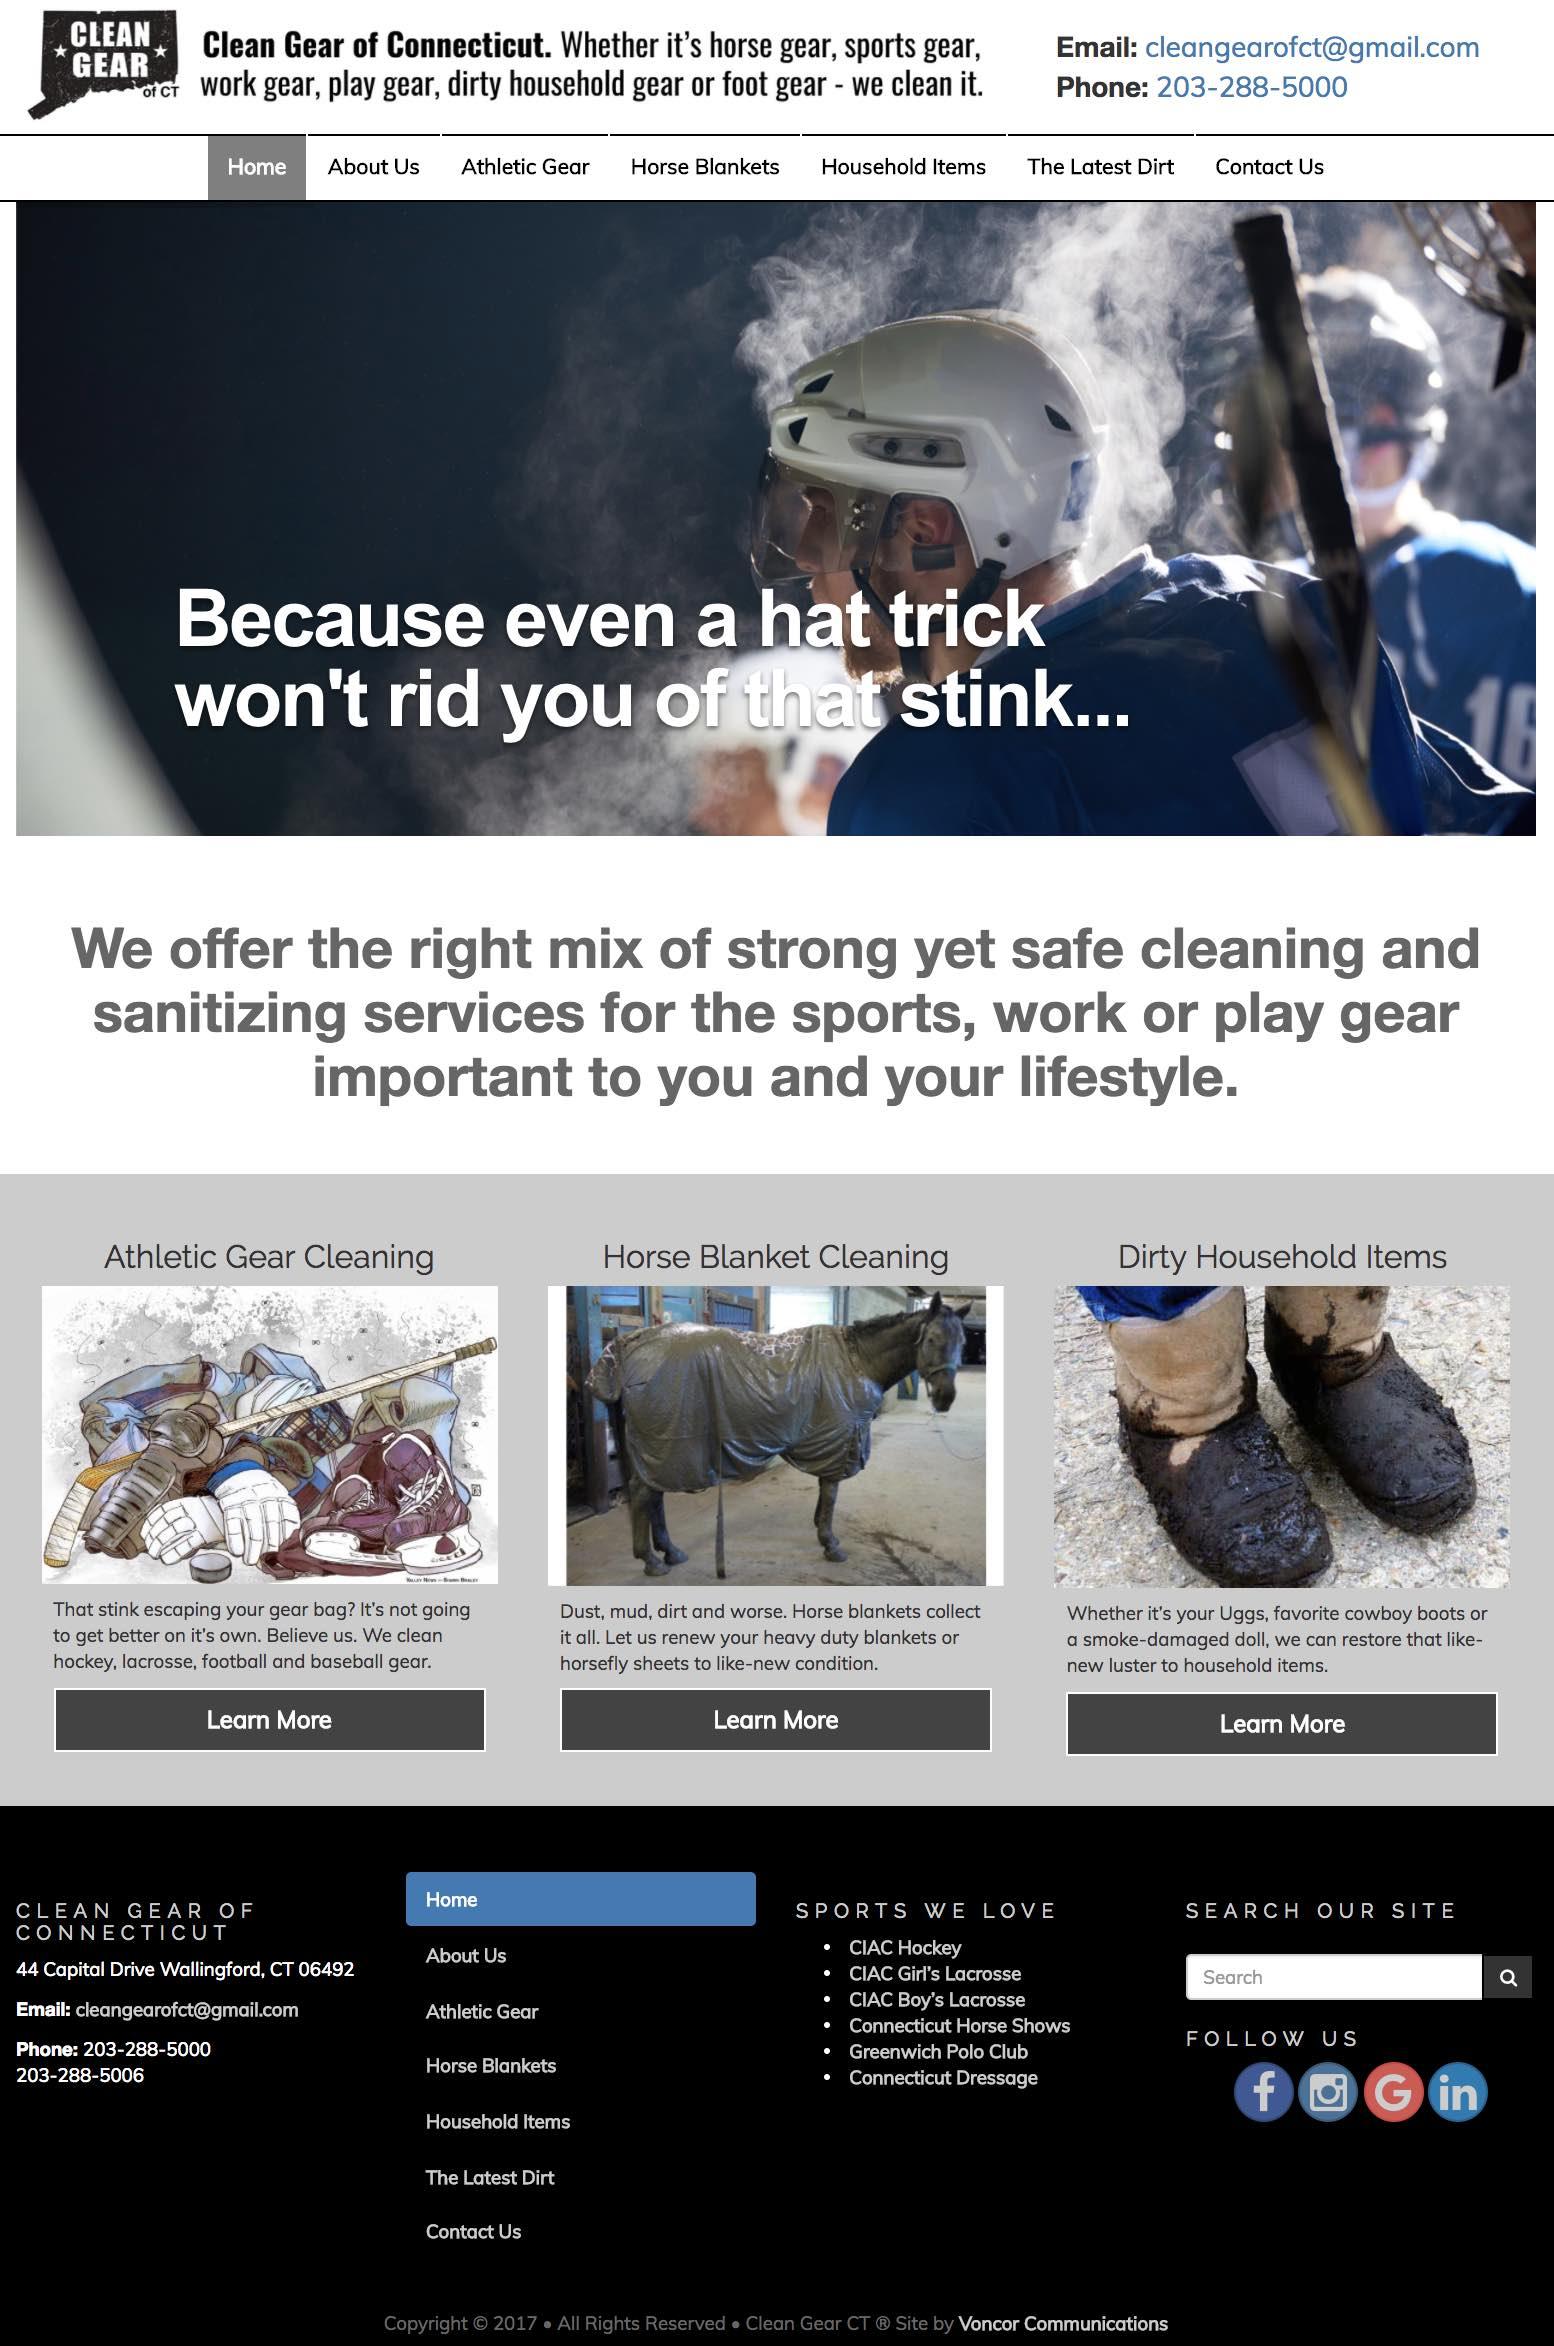 CGofCT Homepage JPEG